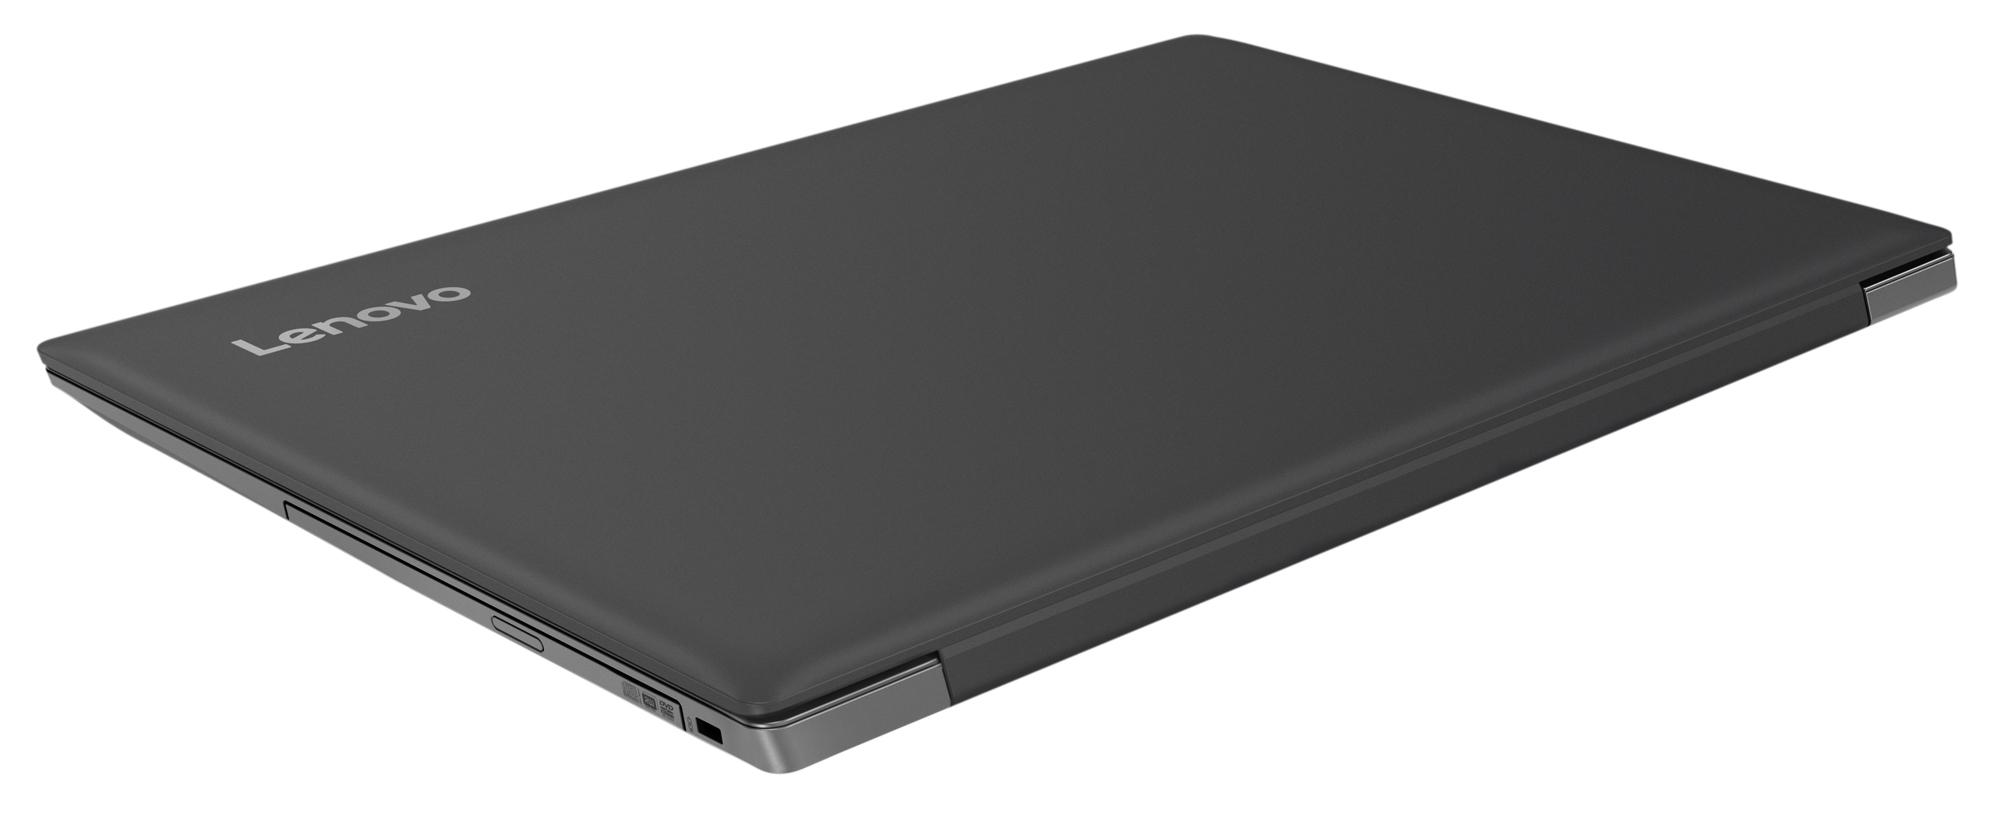 Фото  Ноутбук Lenovo ideapad 330-15 Onyx Black (81D600AYRA)